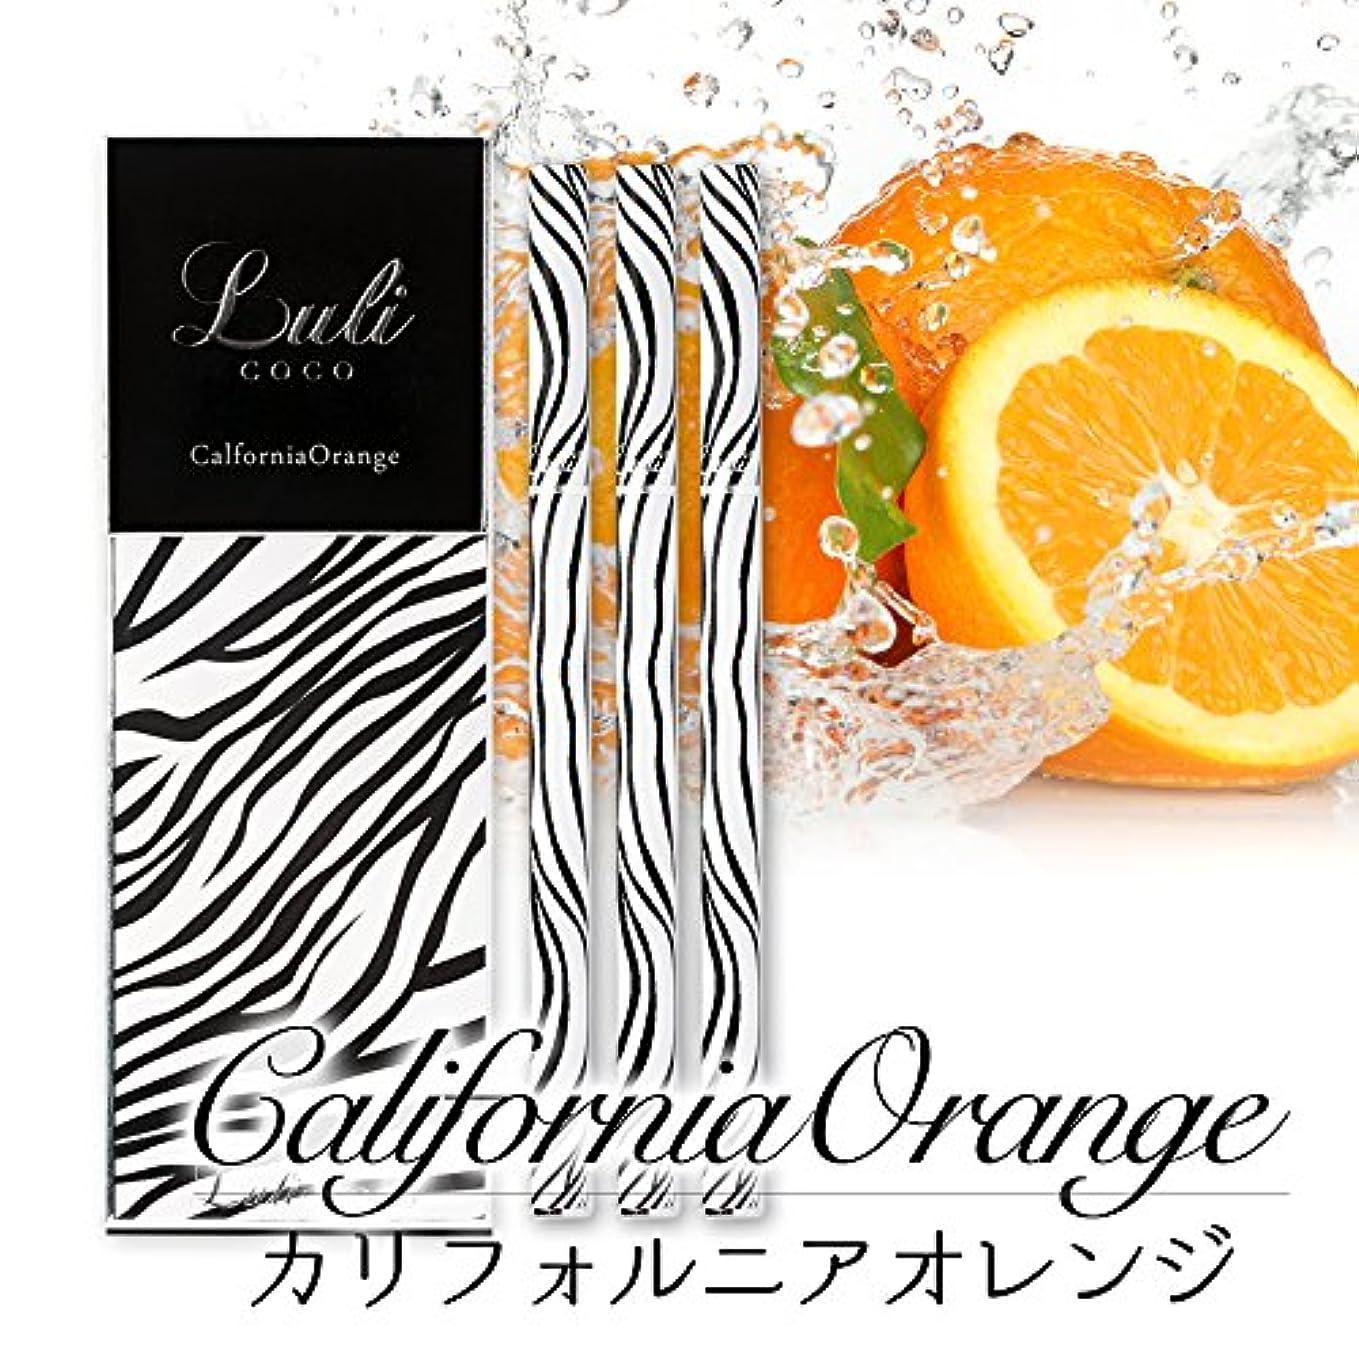 私サラミ深いLULI coco 女性のための電子タバコ ルリココ 使いきりタイプ お得な3本セット 日本総代理店 (カリフォルニアオレンジ)